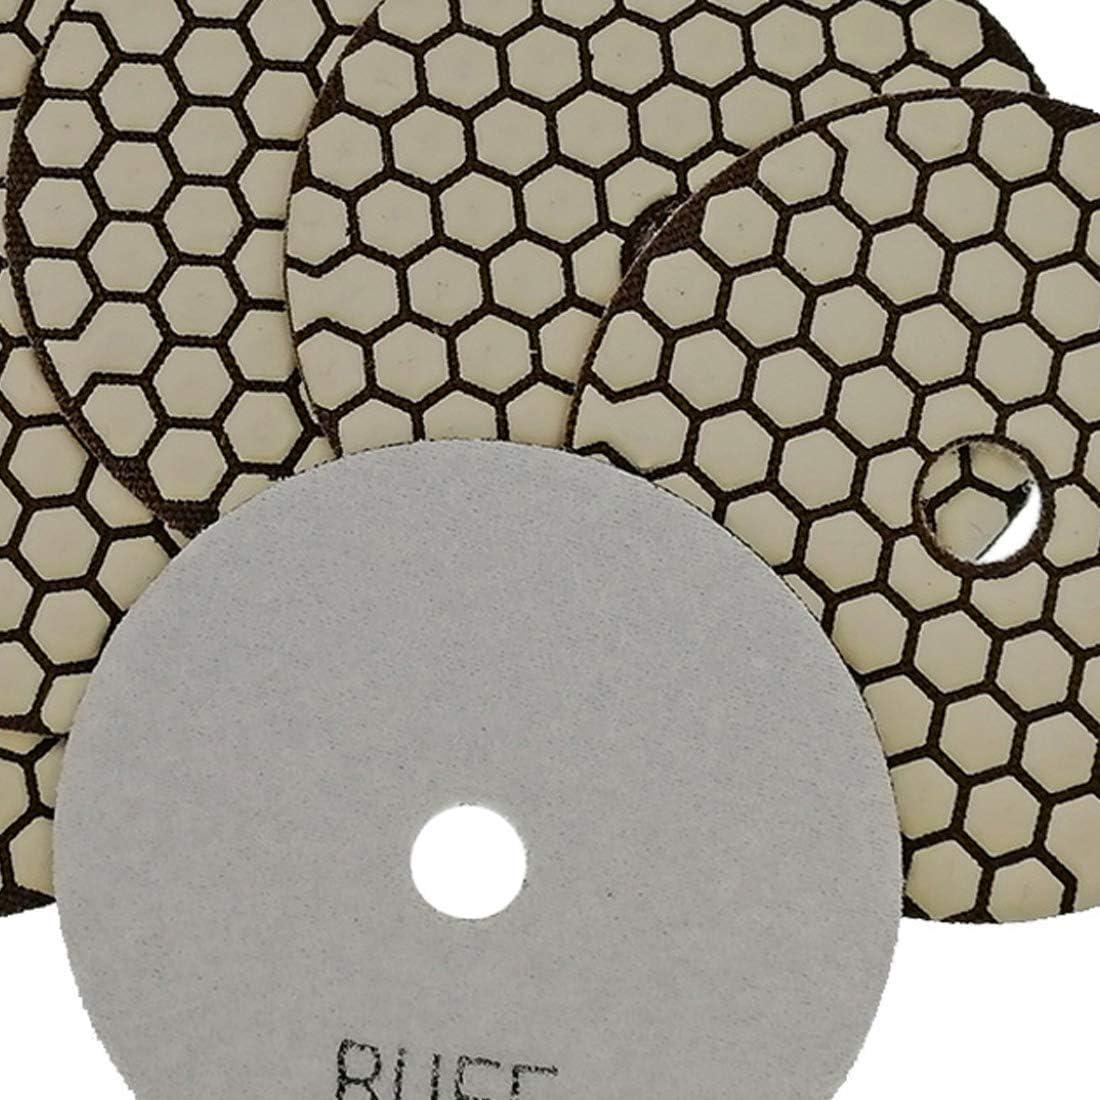 100mm Sec Diamant Polissage Pads pour Marbre Granite Pierre B/éton SHDIATOOL 7Pcs Disque Diamant de Polissage 4 Pouces Grains M/élang/és